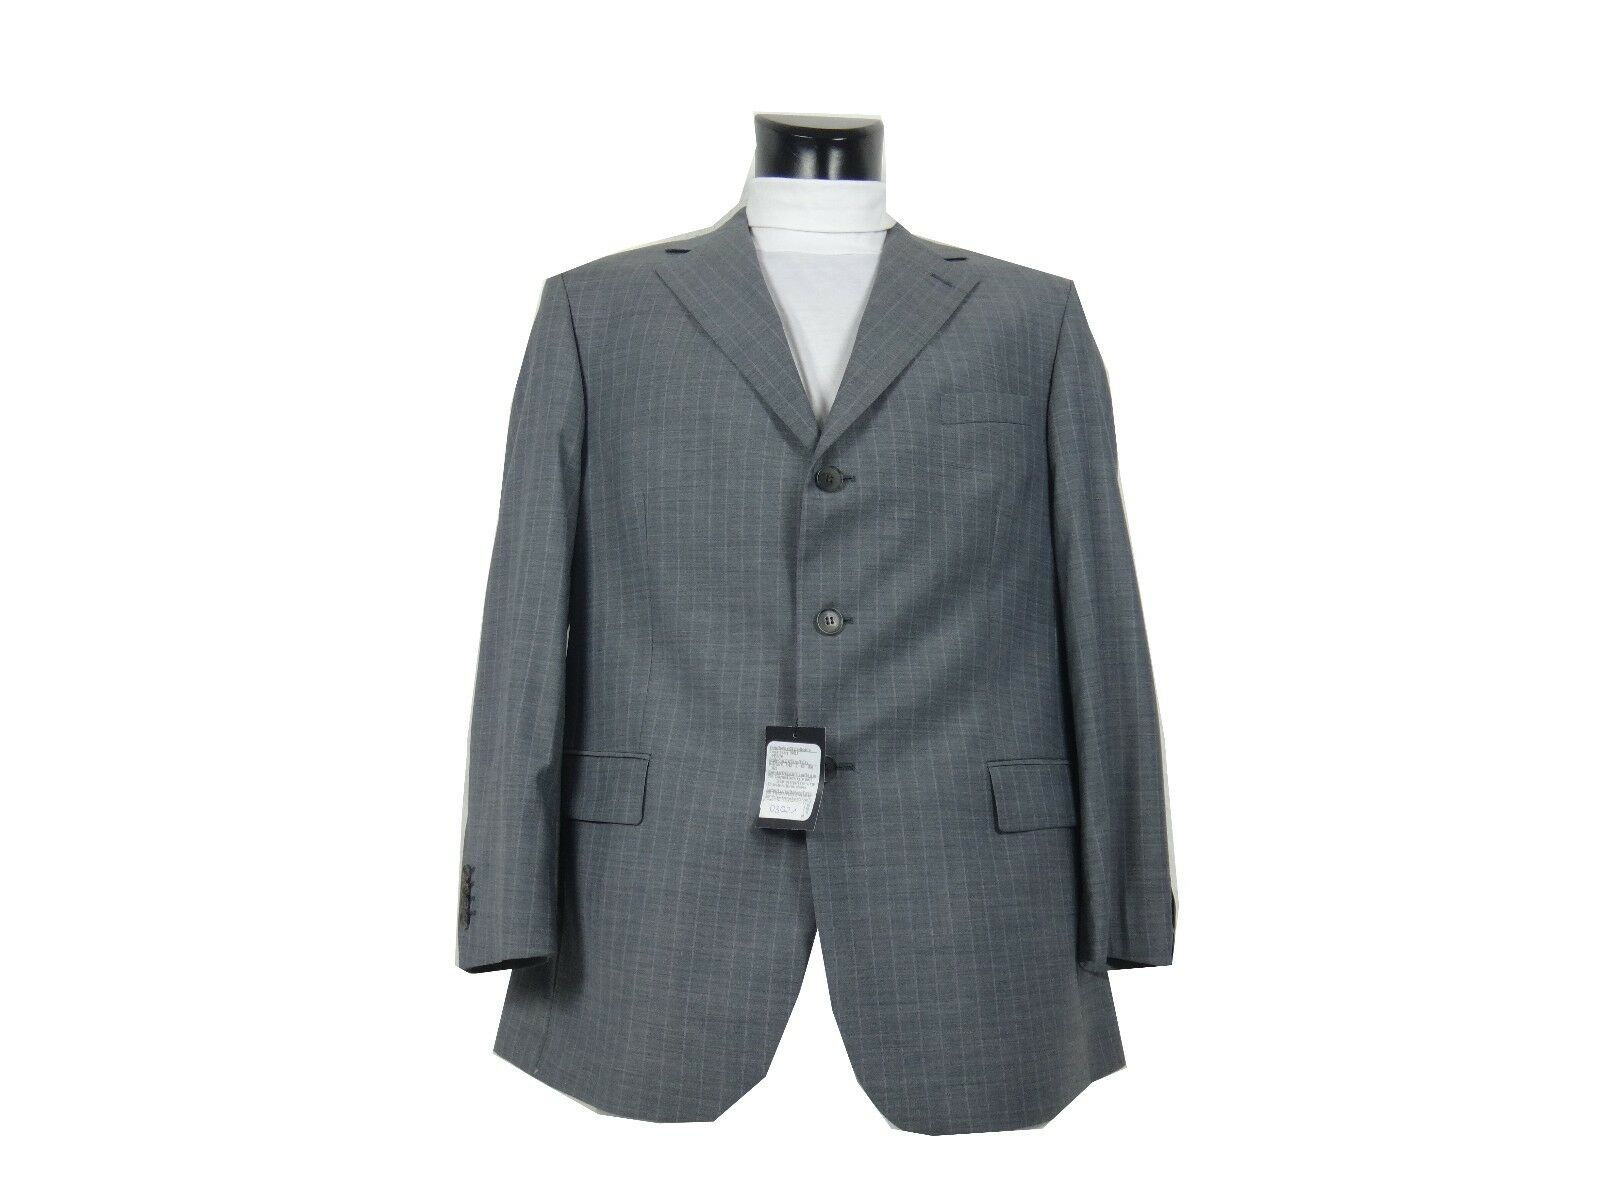 Z03021 DANIEL HECHTER Designer Designer Designer Trend Anzug - Gr. 25 - grau Nadelstreifen - Neu  | Billiger als der Preis  | Haltbarkeit  | Perfekte Verarbeitung  46bed7